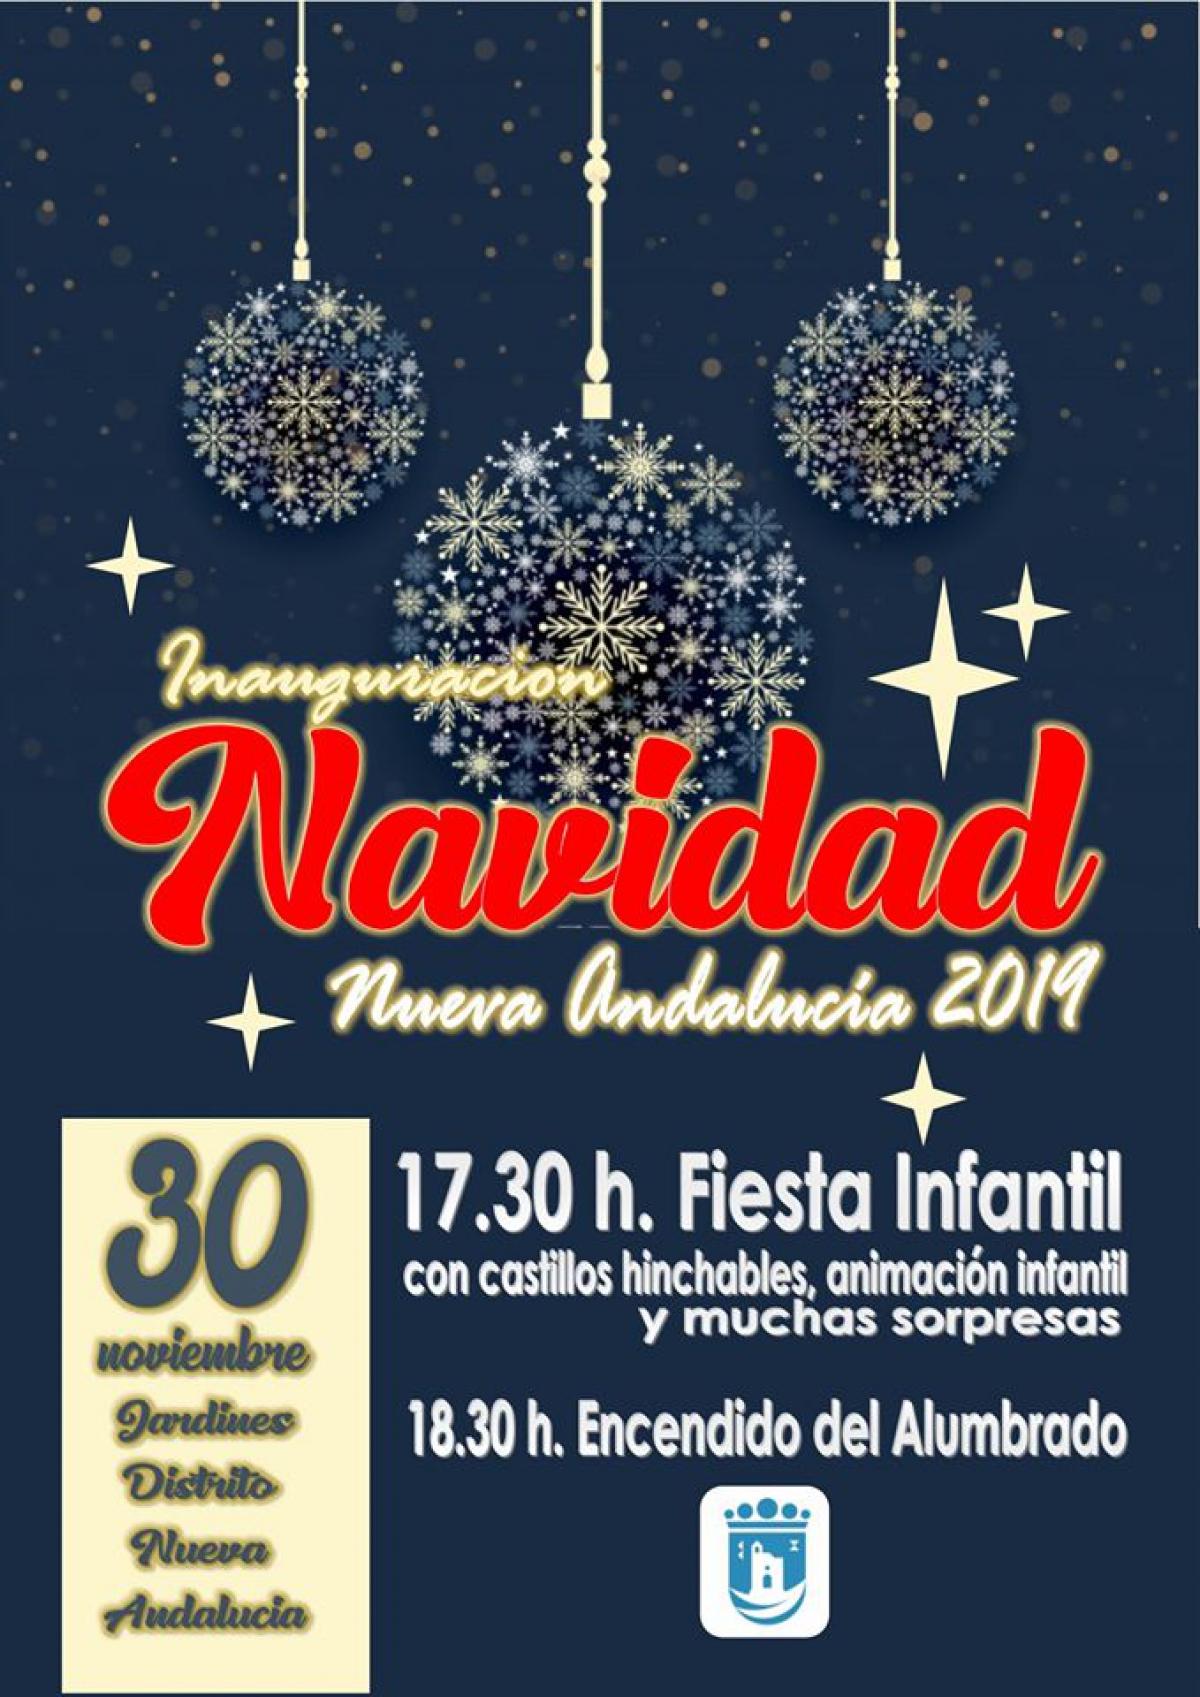 Nueva Andalucía y las Chapas celebrarán la Navidad con zambombas, fiestas infantiles, belenes vivientes, pastorales y la tradicional Cabalgata de los Reyes Magos